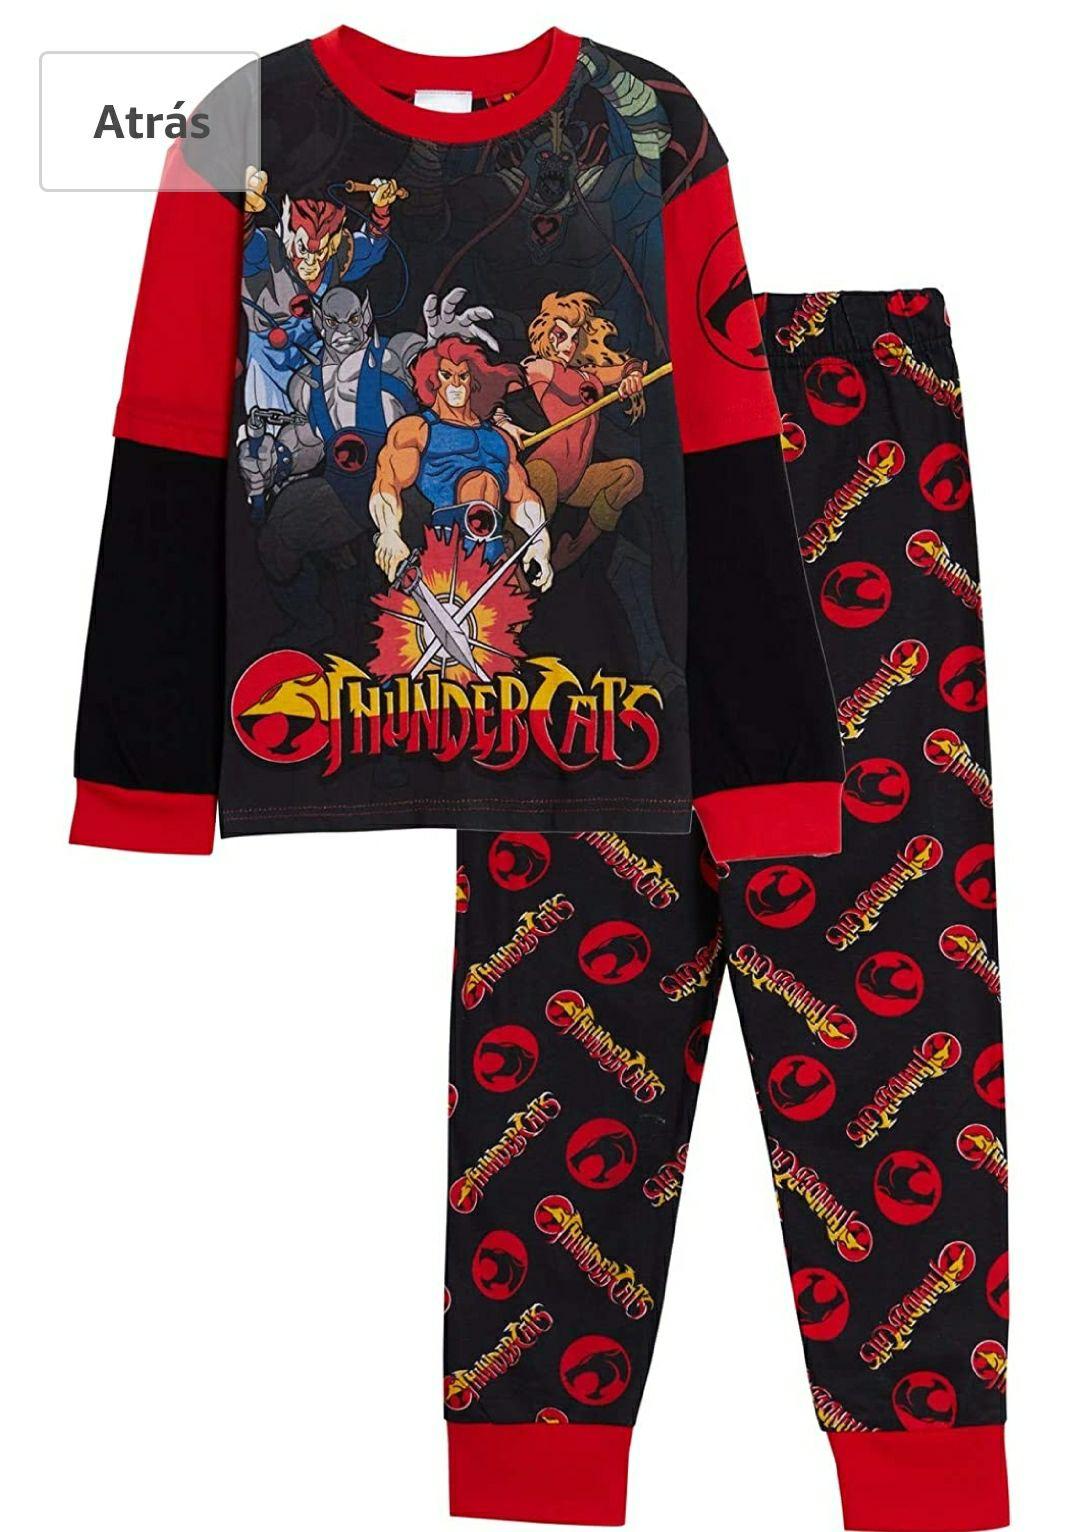 TALLA 11/12 AÑOS - Thundercats Pijama de longitud completa para niños, retro, clásico, superhéroe, 2 piezas